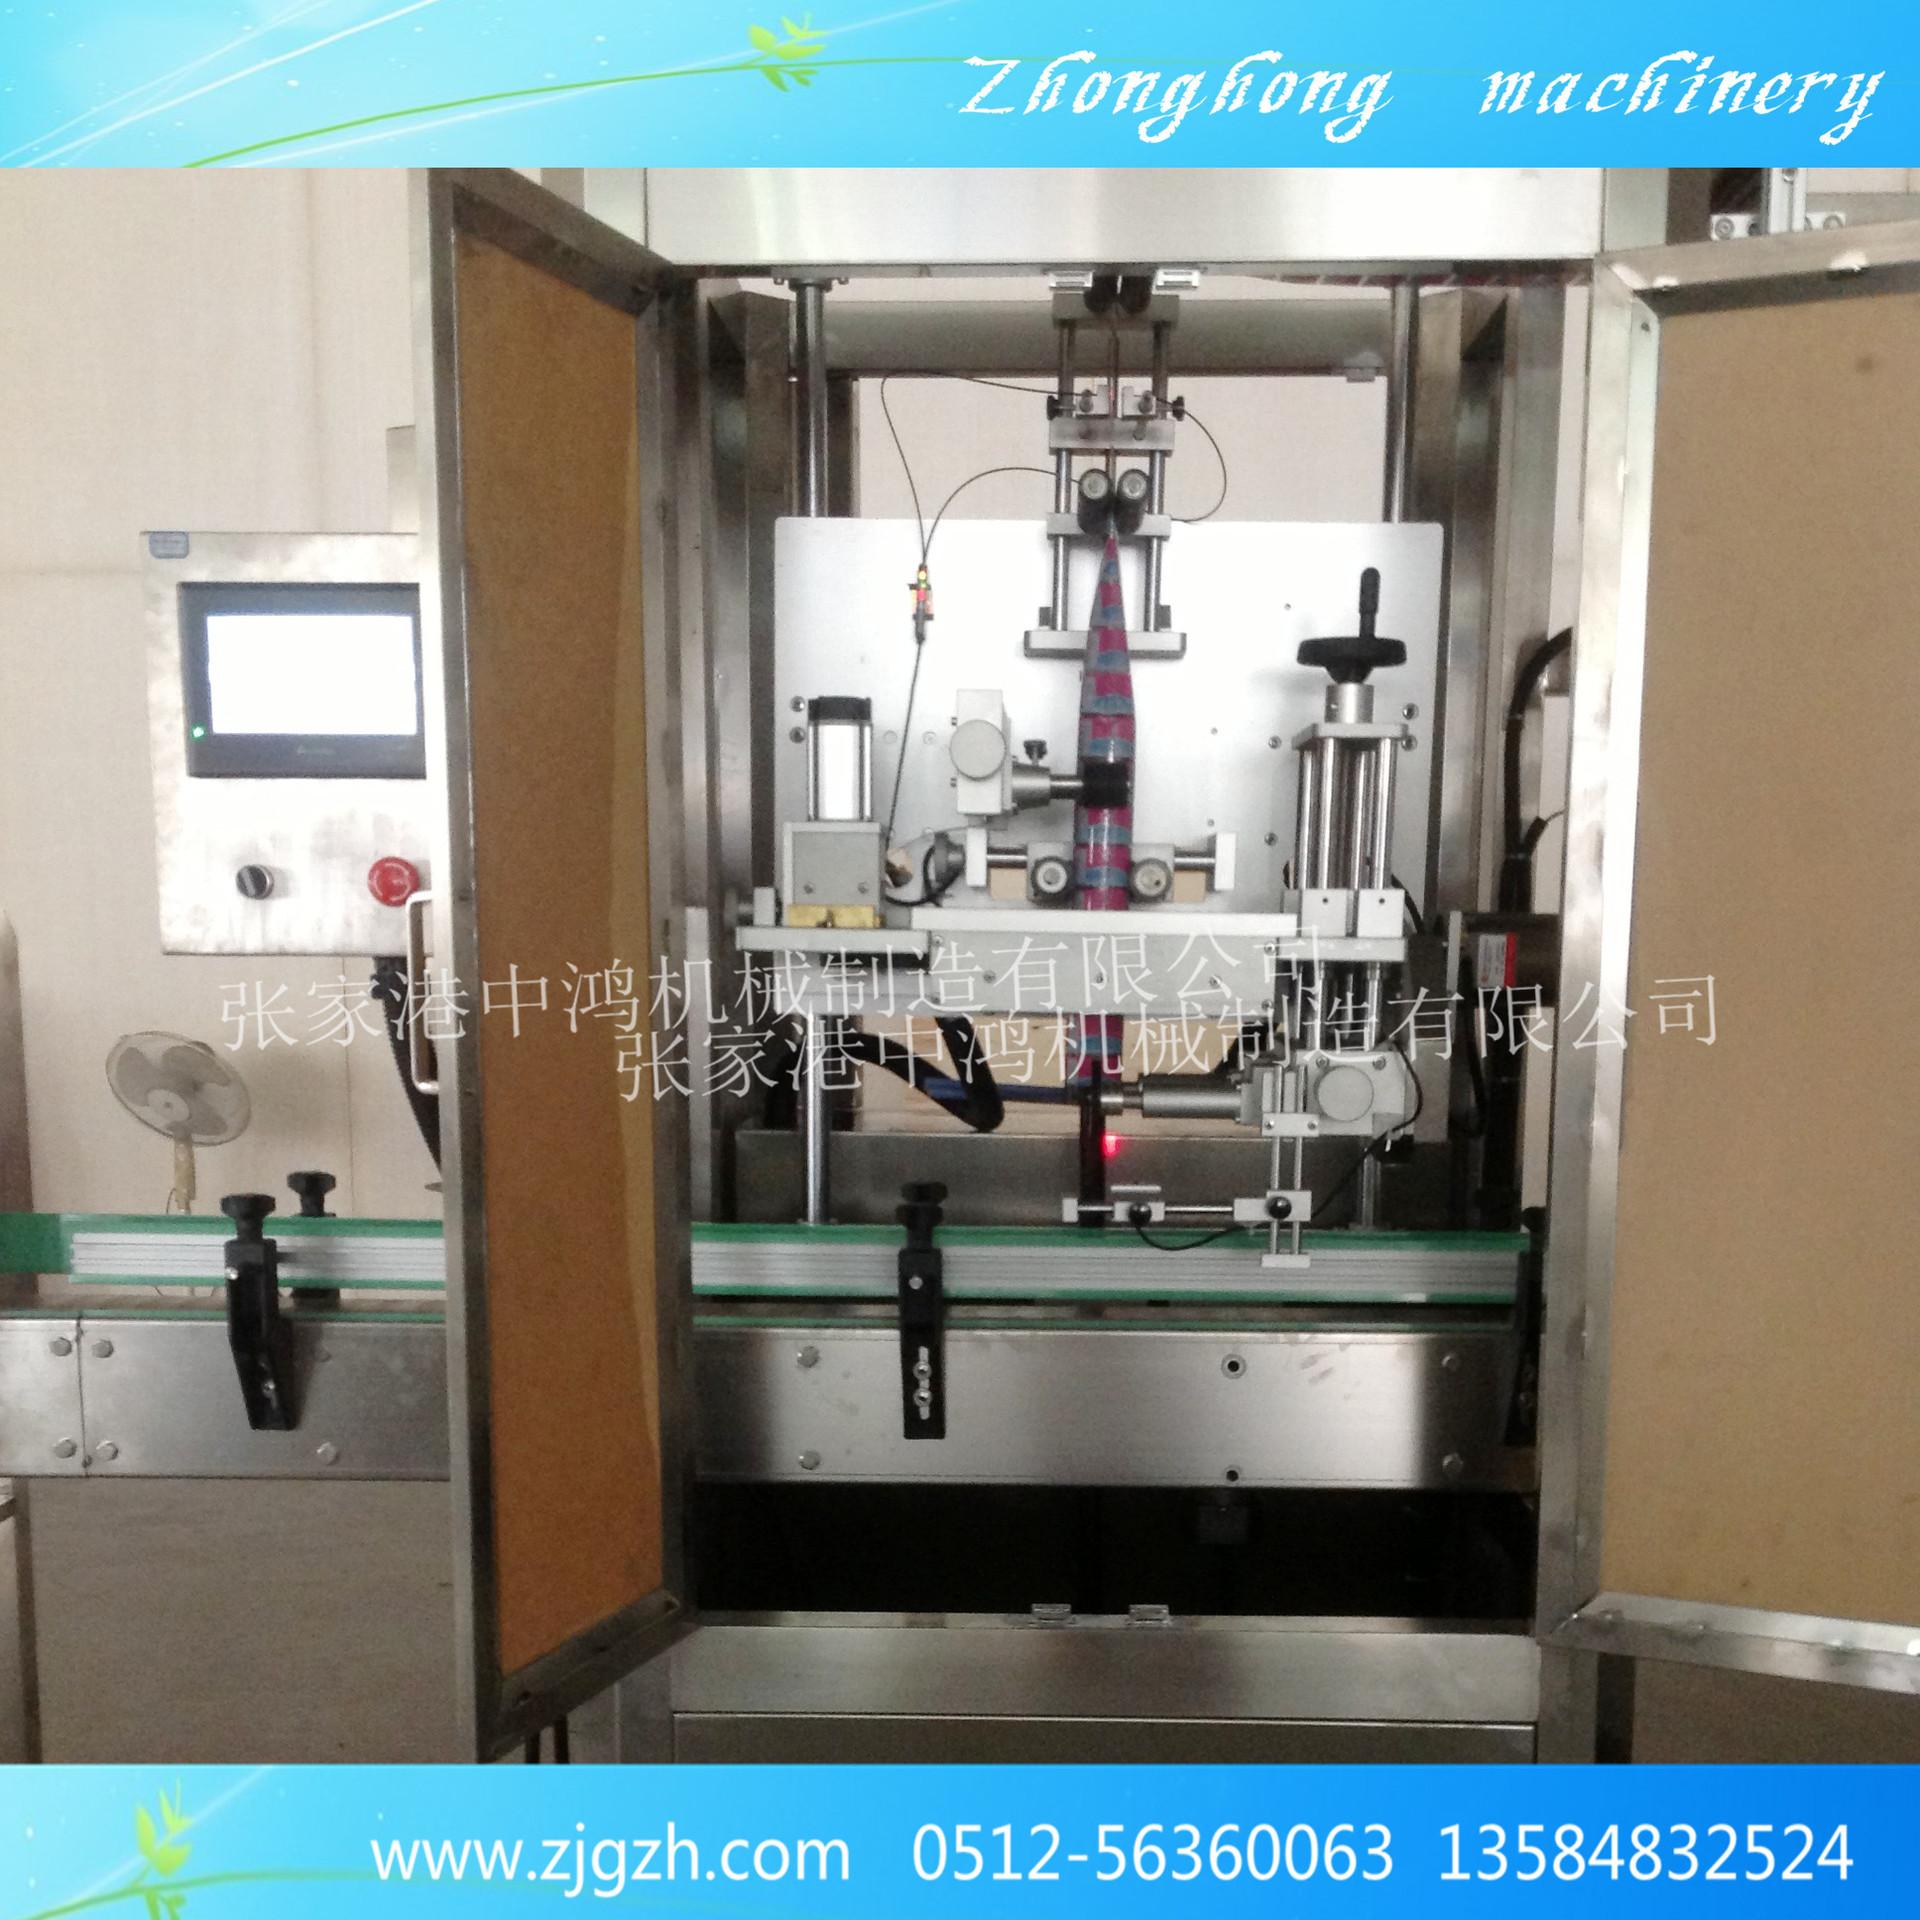 中鸿机械 全自动收缩膜套标机 贴标机图片_7